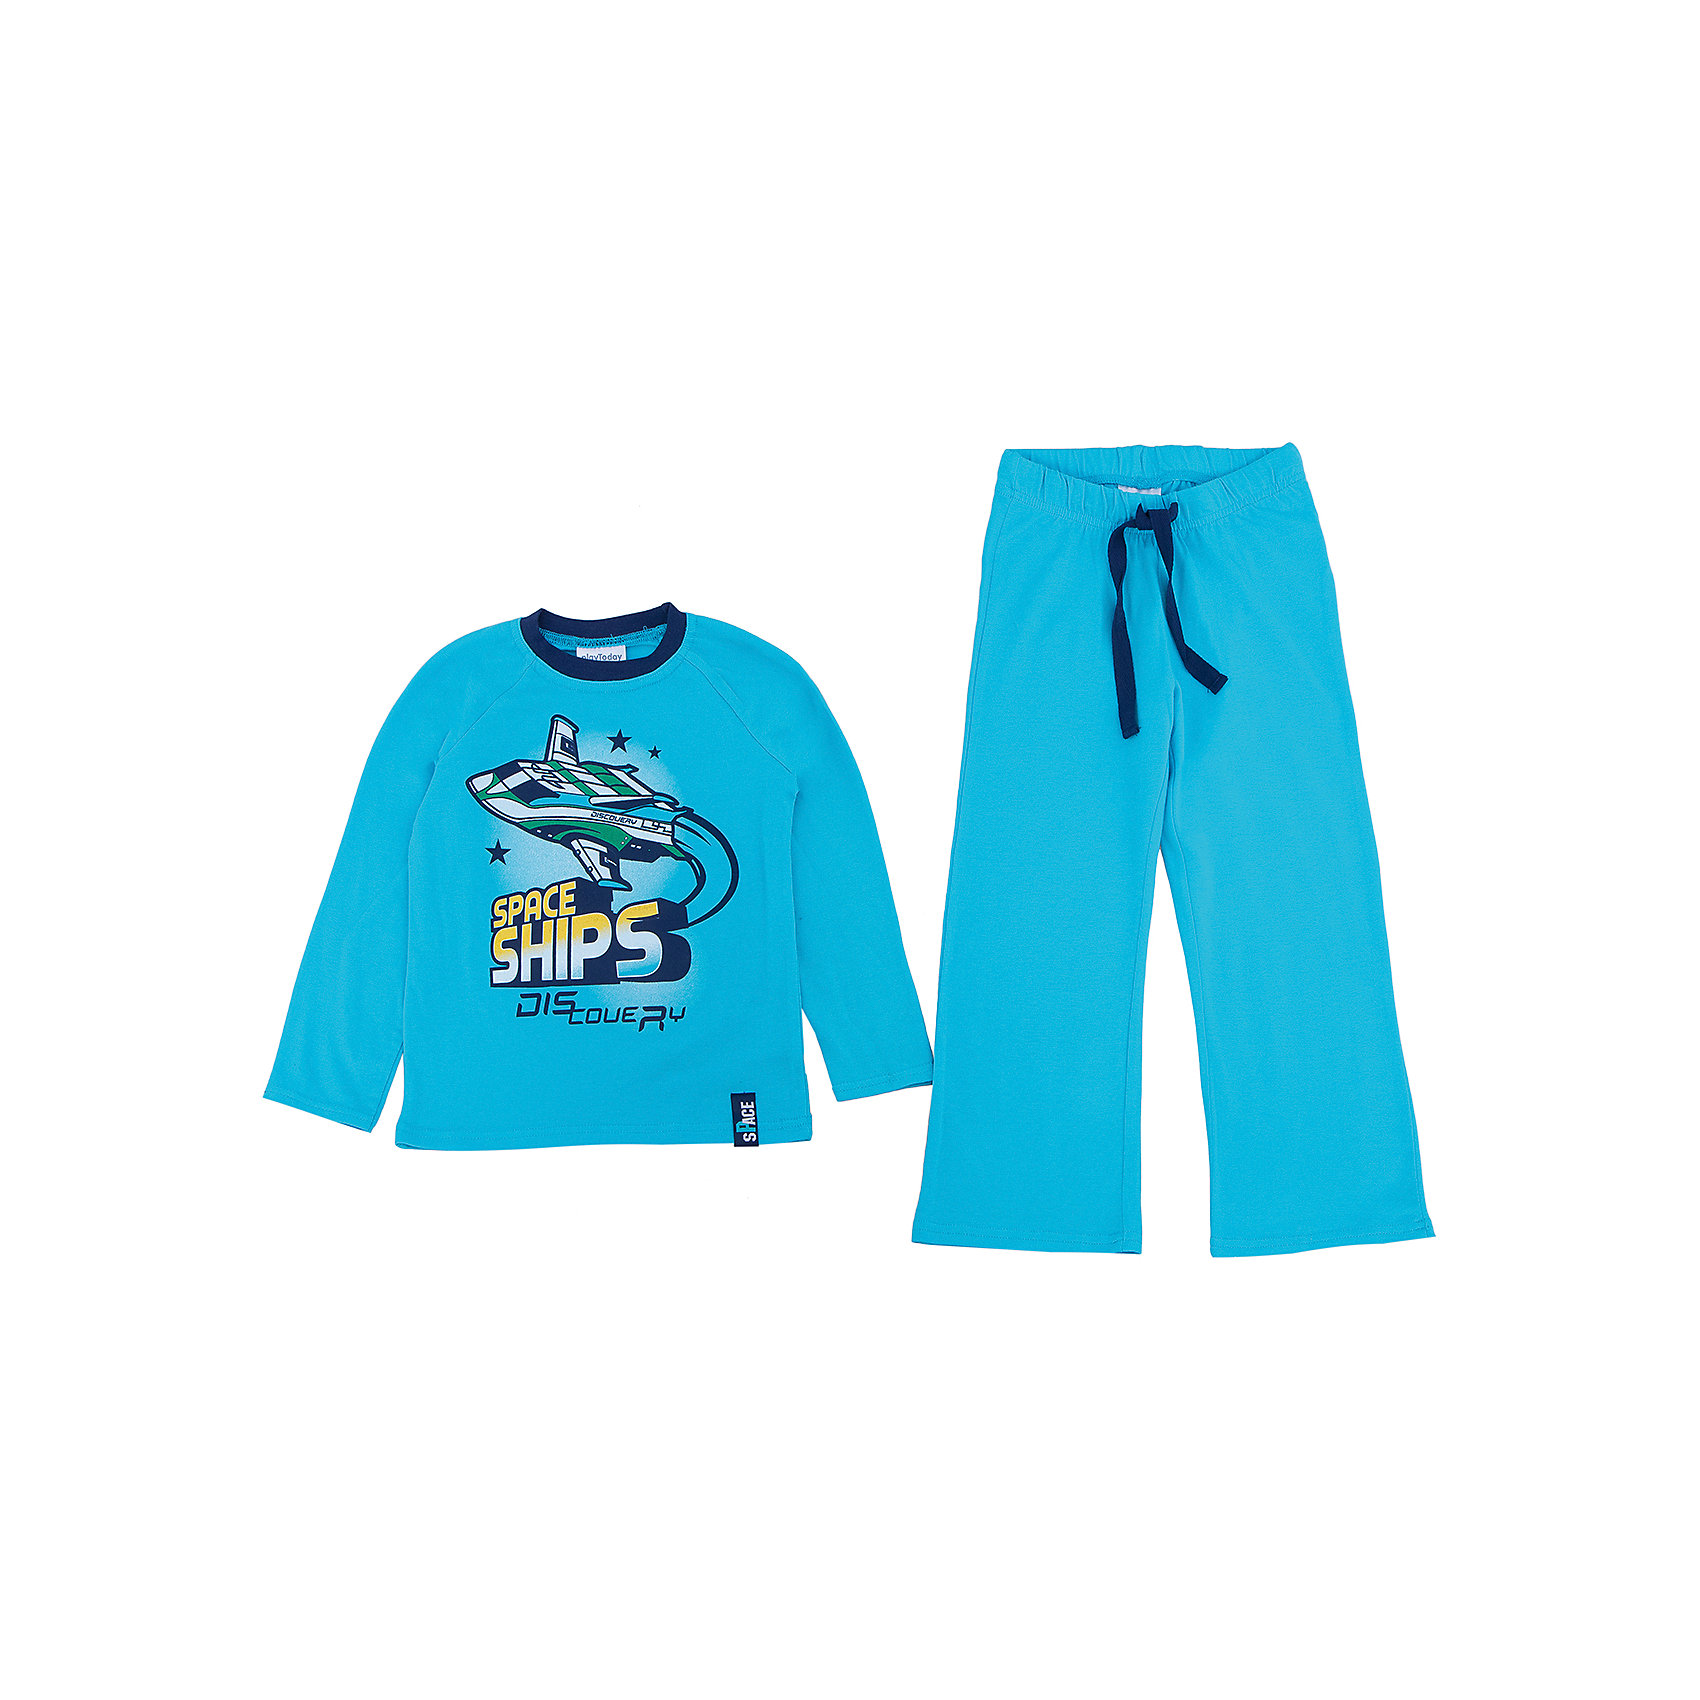 Комплект: футболка с длинным рукавом и брюки для мальчика PlayTodayКомплект: футболка с длинным рукавом и брюки для мальчика от известного бренда PlayToday.<br>Яркий комплект из футболки с длинными рукавами и брюк. Футболка украшена стильным принтом на космическую тему. На воротнике эластичная бейка. Пояс на резинке, дополнительно регулируется шнурком.<br>Состав:<br>95% хлопок, 5% эластан<br><br>Ширина мм: 215<br>Глубина мм: 88<br>Высота мм: 191<br>Вес г: 336<br>Цвет: синий<br>Возраст от месяцев: 36<br>Возраст до месяцев: 48<br>Пол: Мужской<br>Возраст: Детский<br>Размер: 104,116,122,98,128,110<br>SKU: 4897243